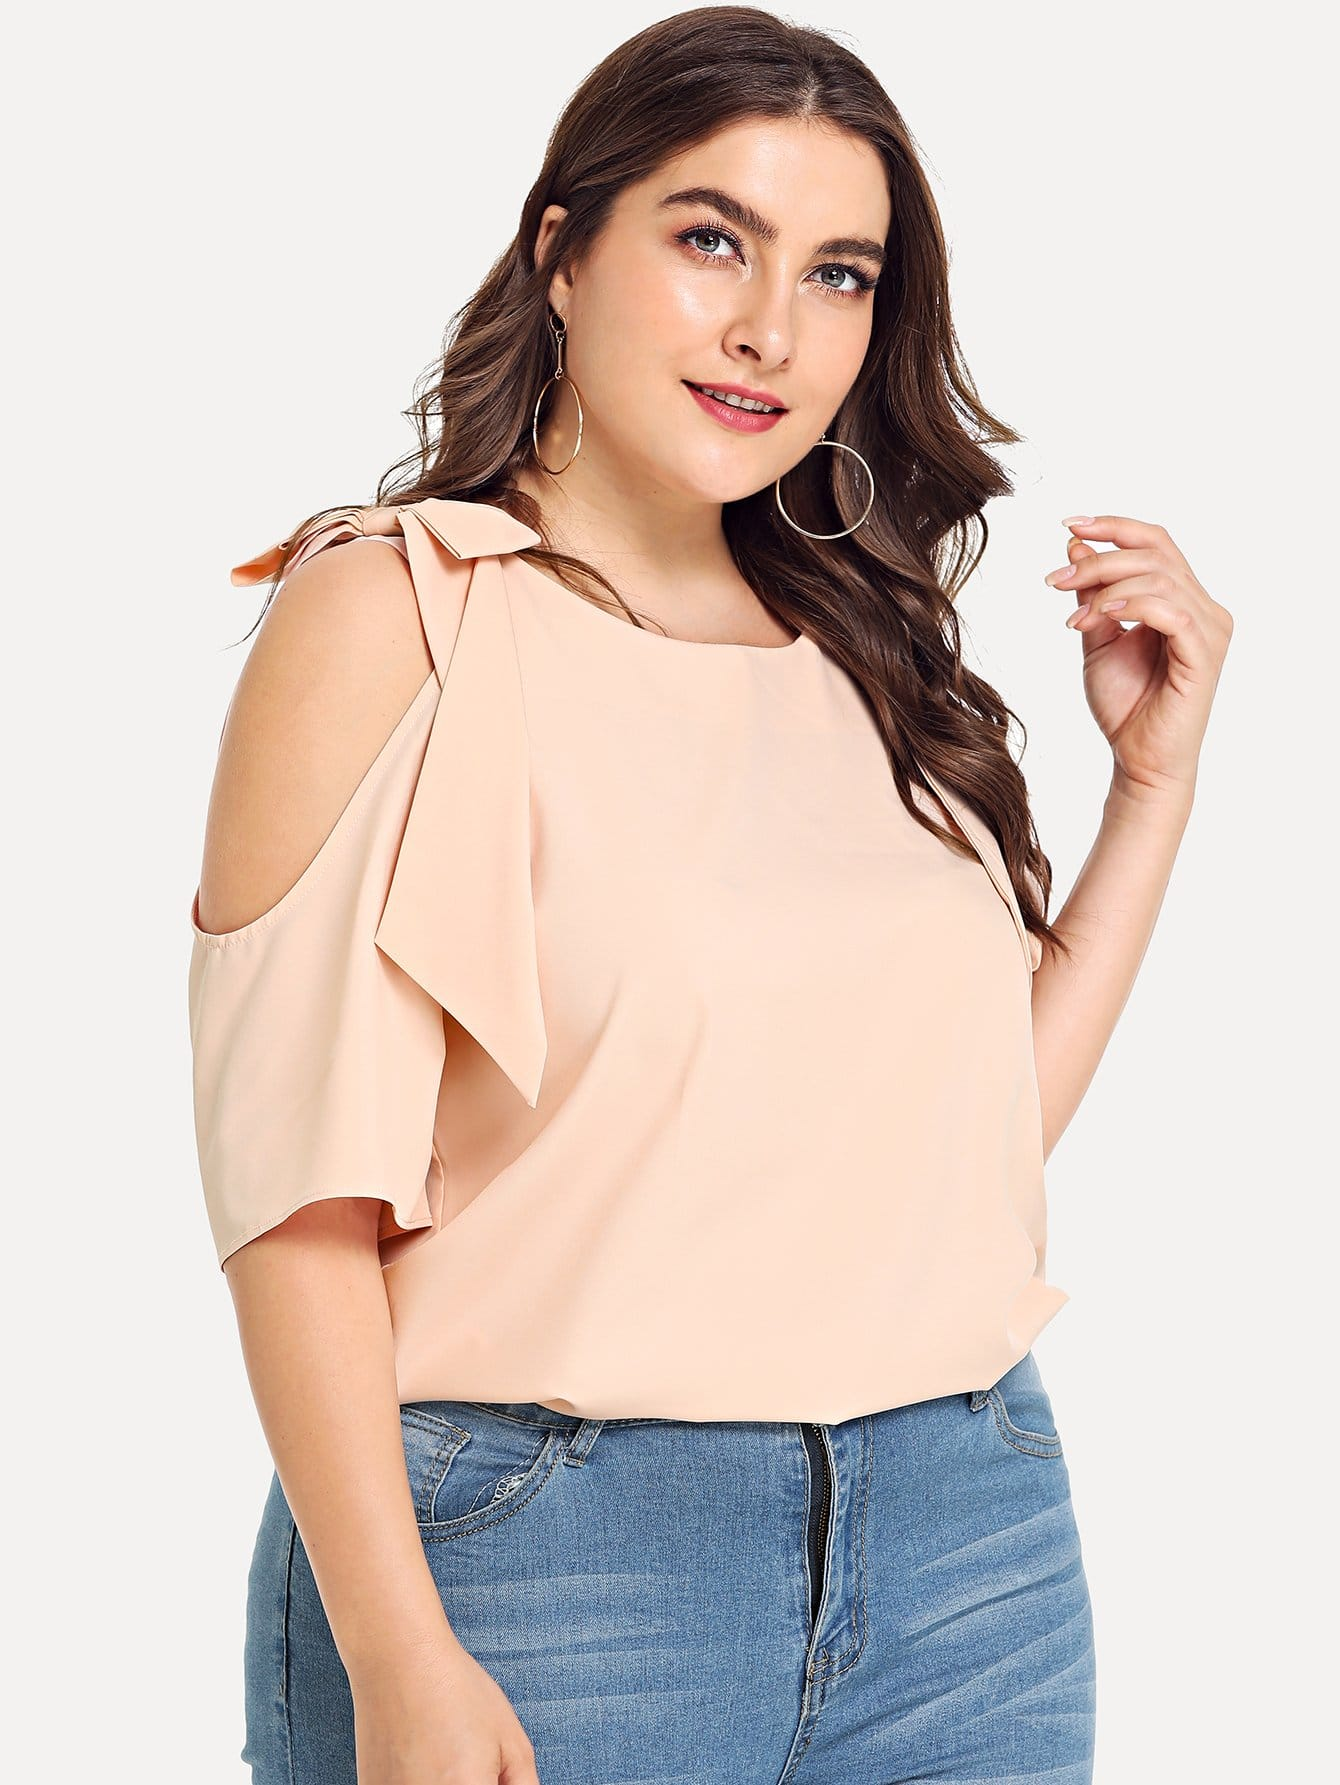 Купить Рубашка с вырезом носа, Franziska, SheIn